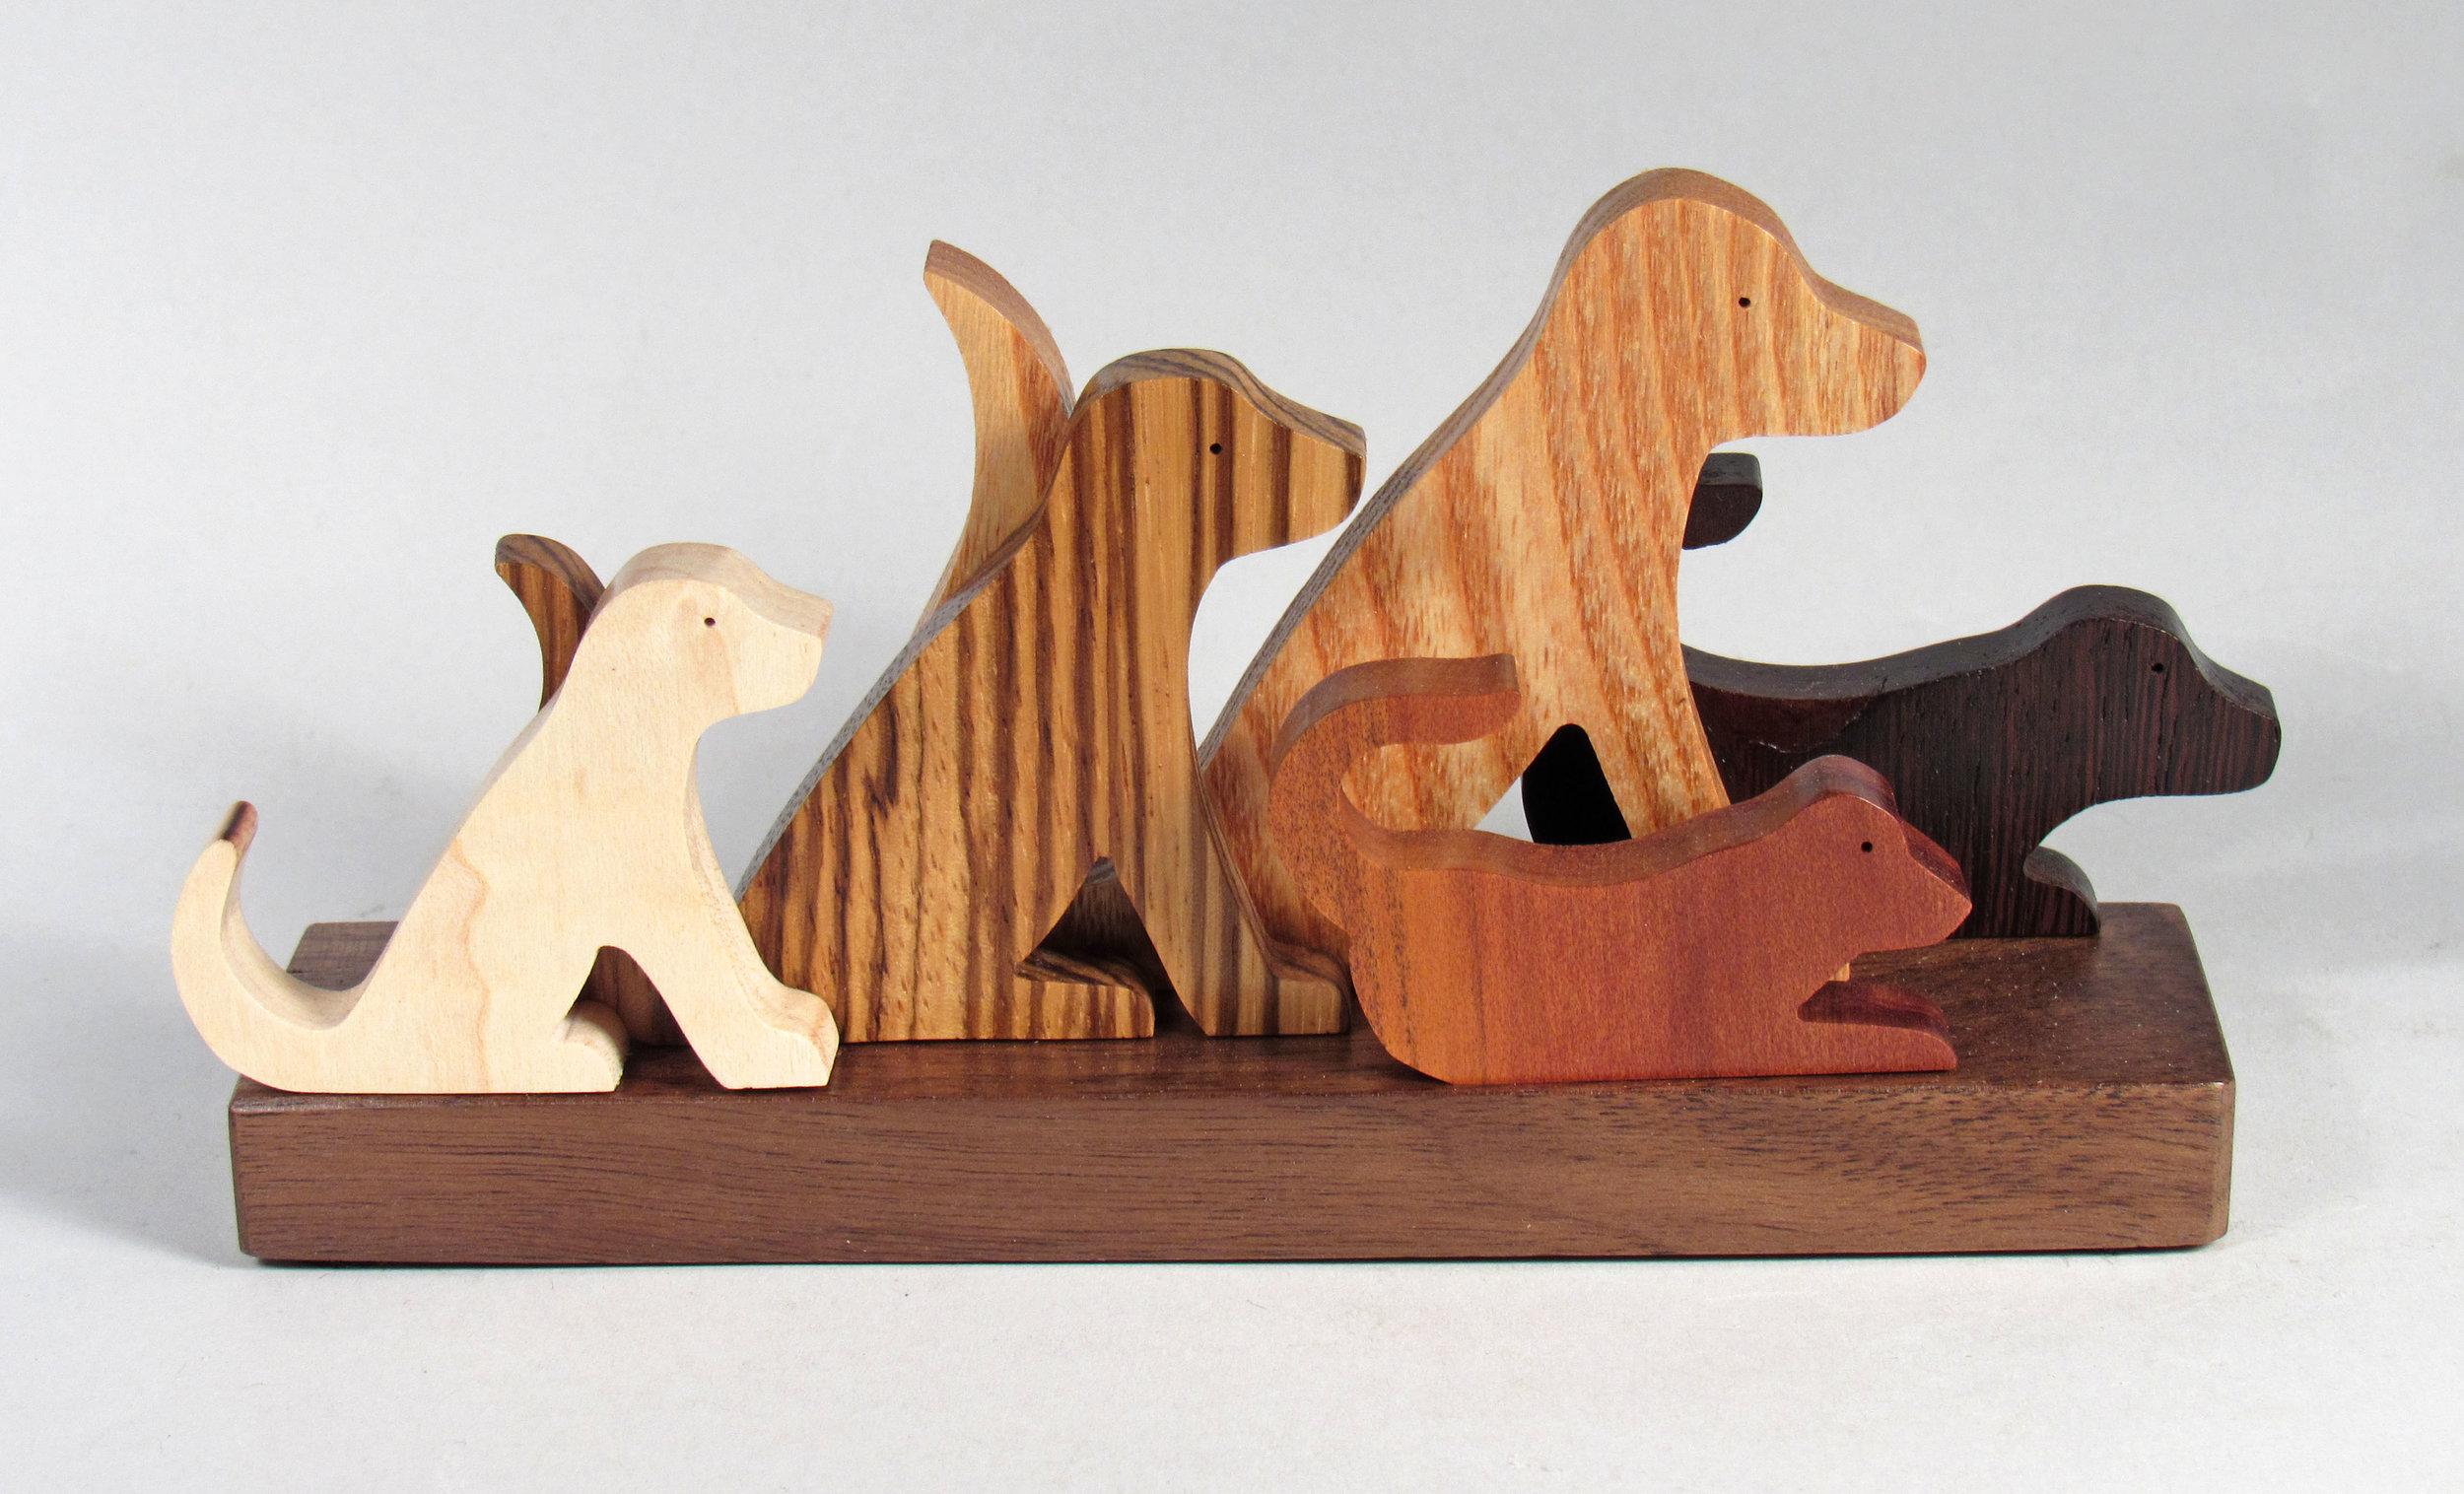 Sculpture by Jerry Krider